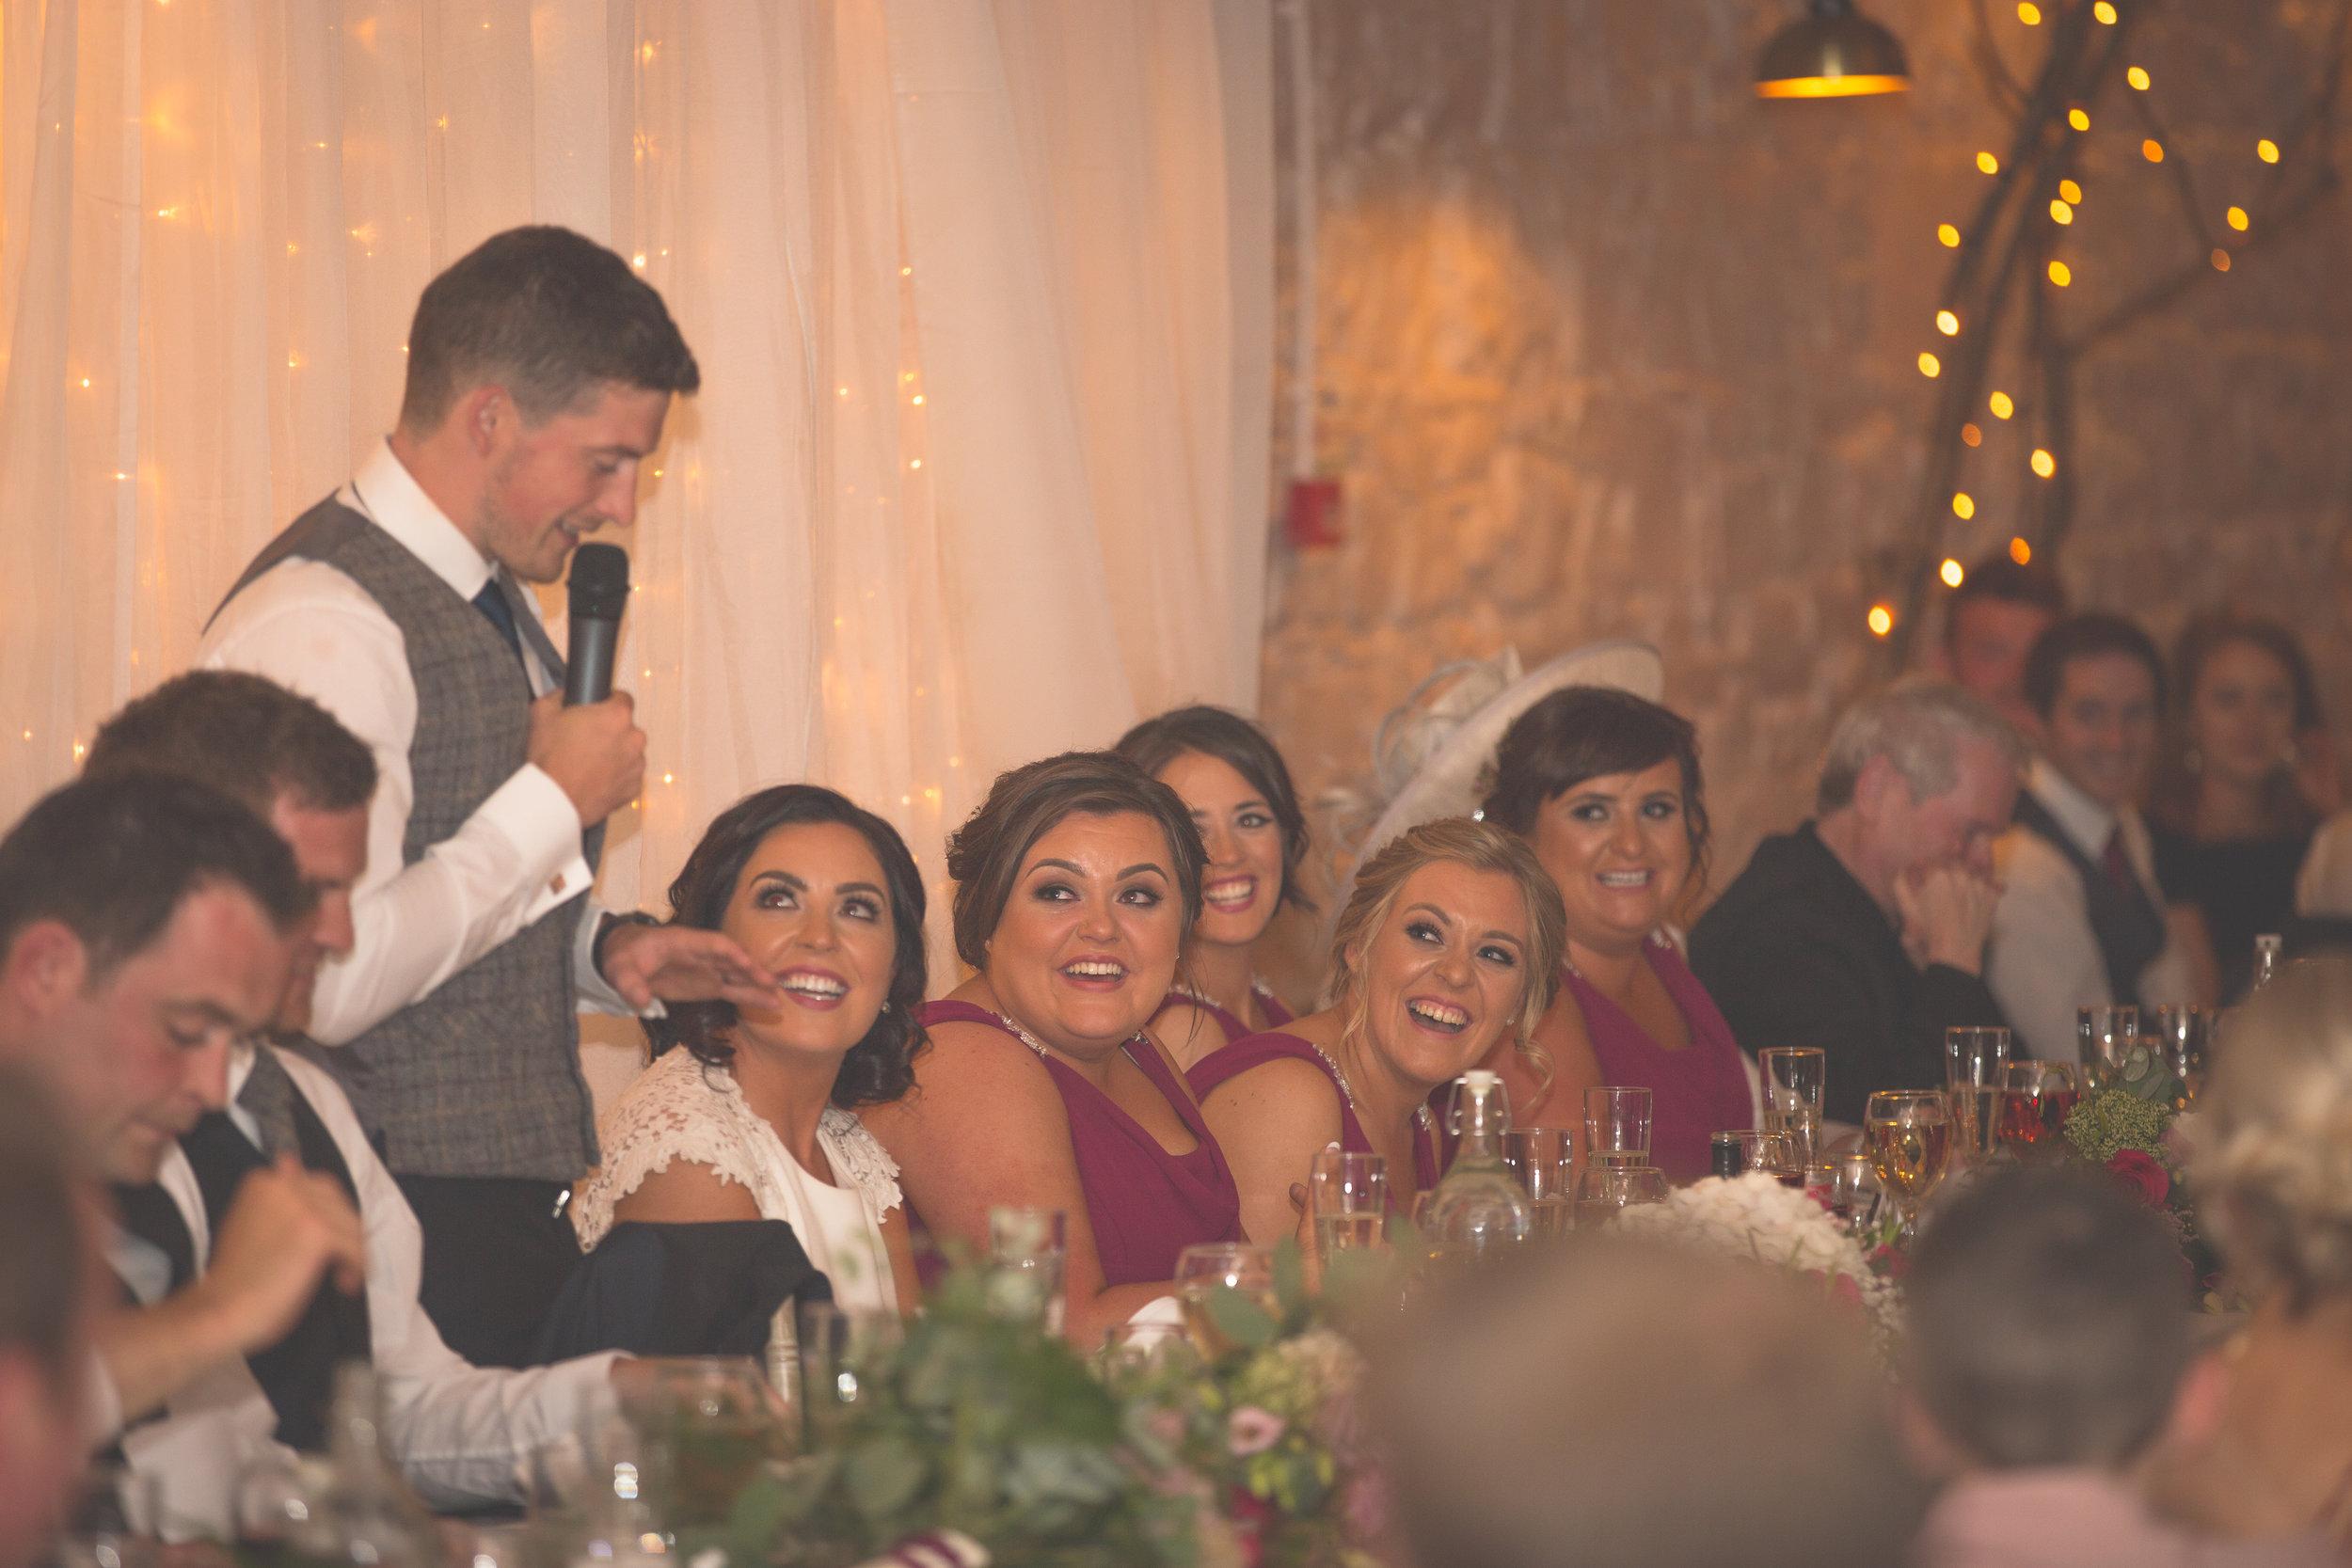 Brian McEwan Wedding Photography | Carol-Anne & Sean | The Speeches-68.jpg